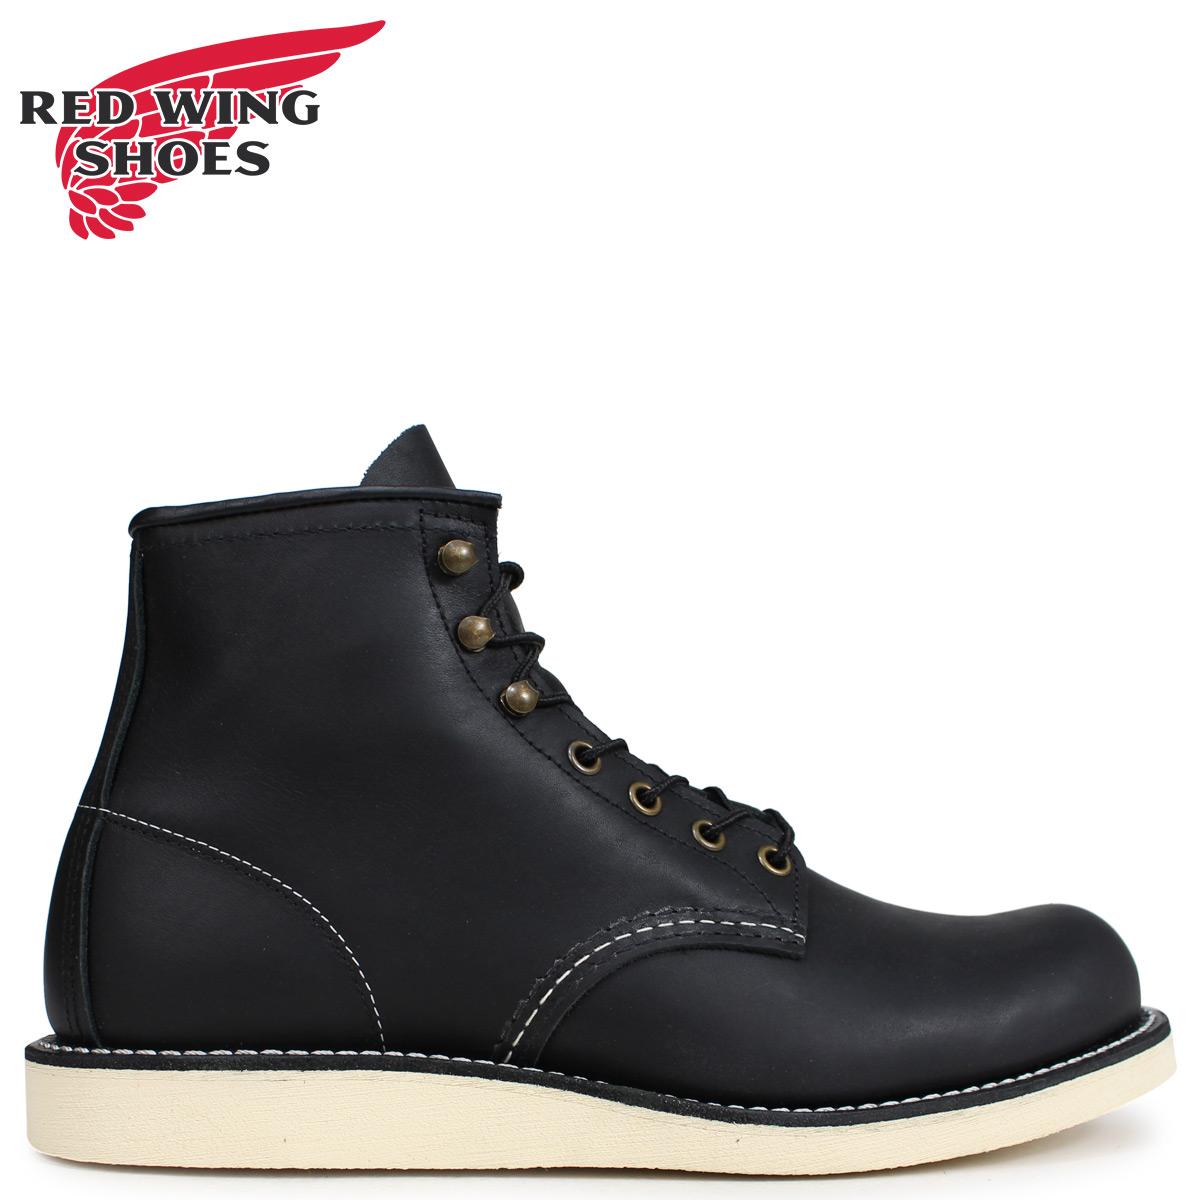 RED WING レッドウィング ブーツ ローバー メンズ HERITAGE ROVER BOOT Dワイズ ブラック 黒 2951